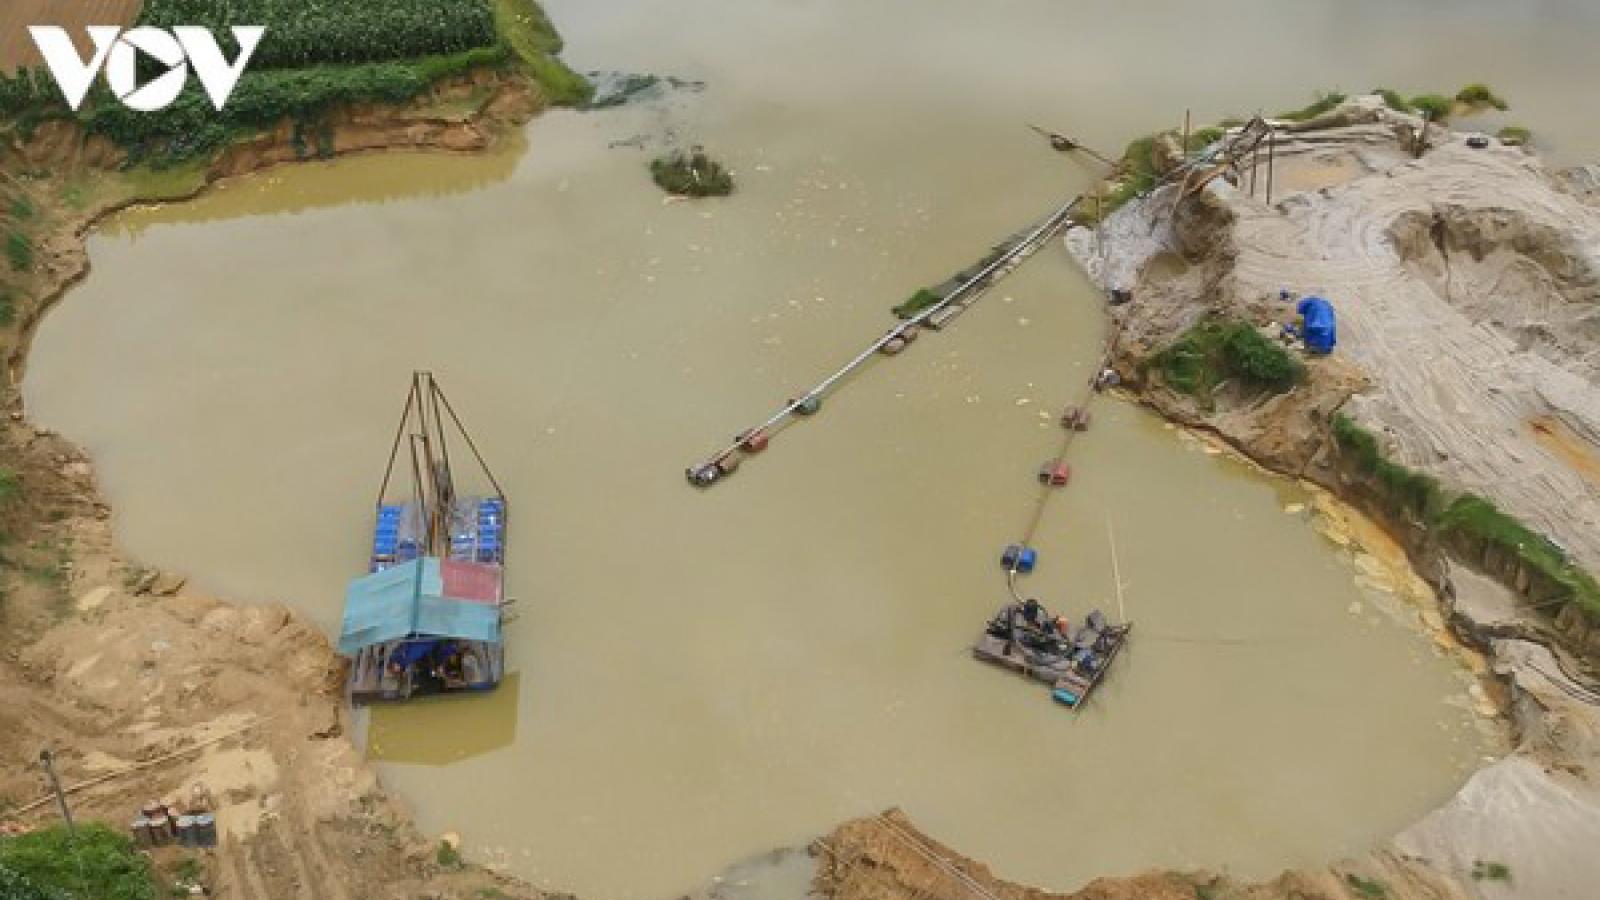 Yêu cầu công khai giấy phép khai thác cát, sỏi lòng sông để người dân giám sát